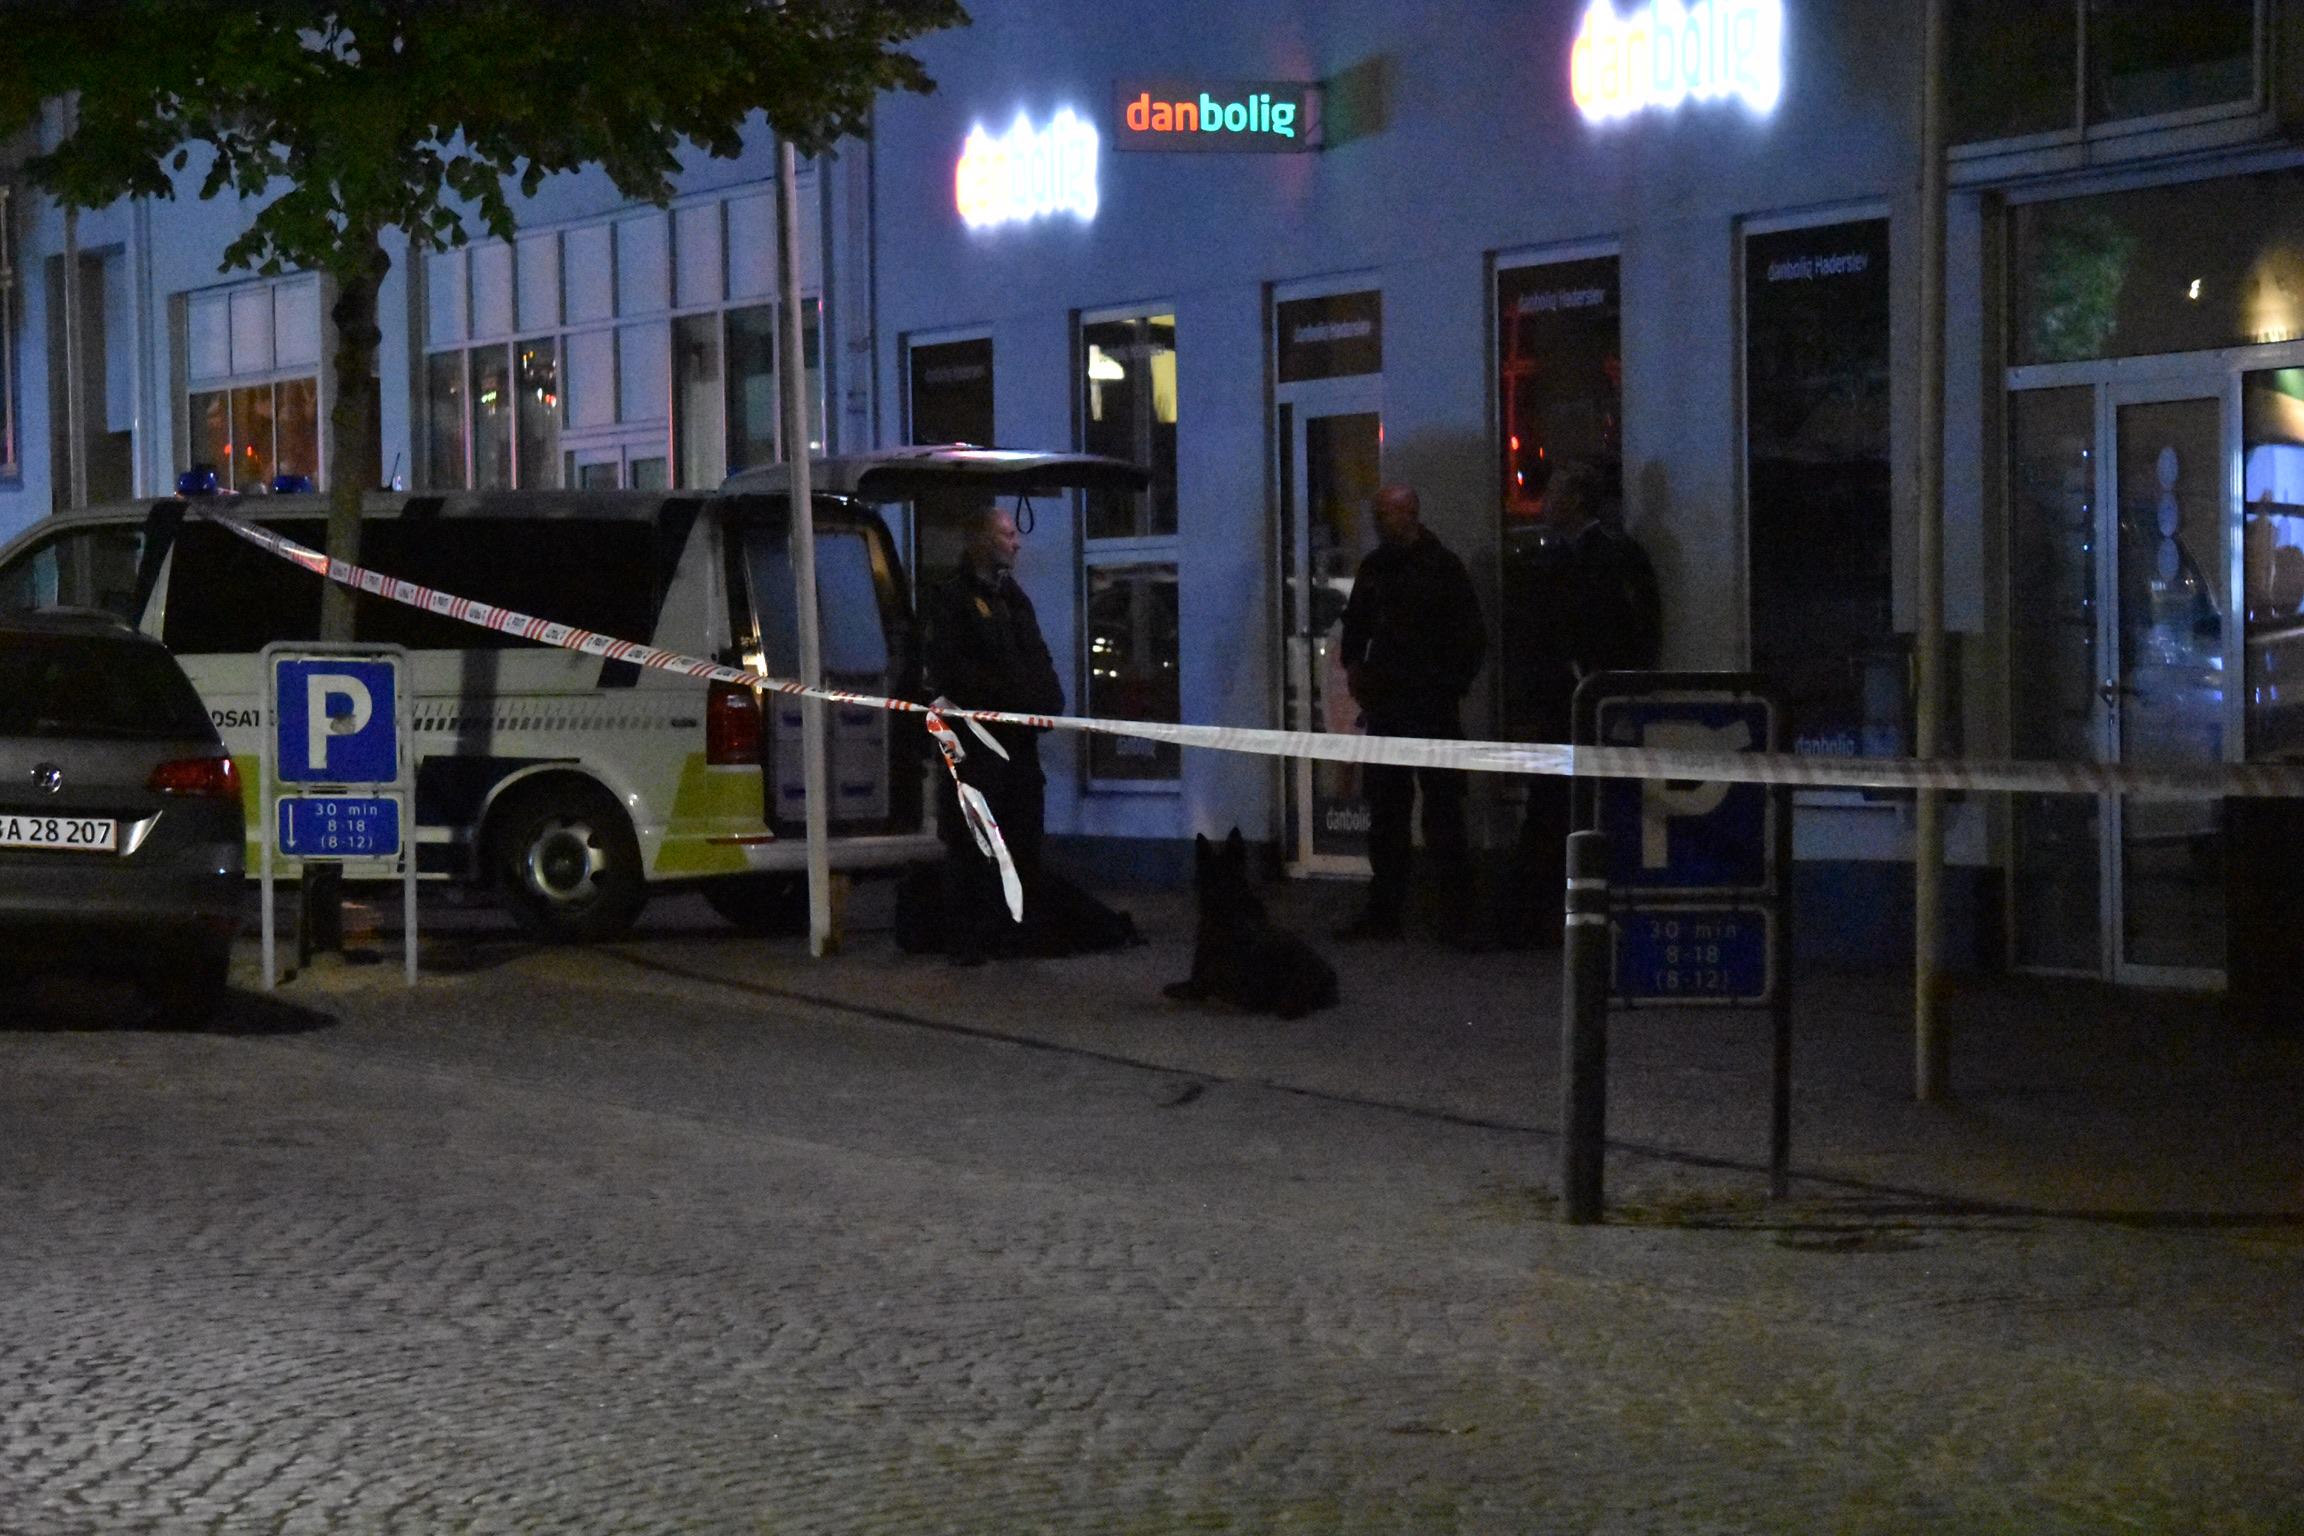 Stor politiaktion i Haderslev - område afspærret